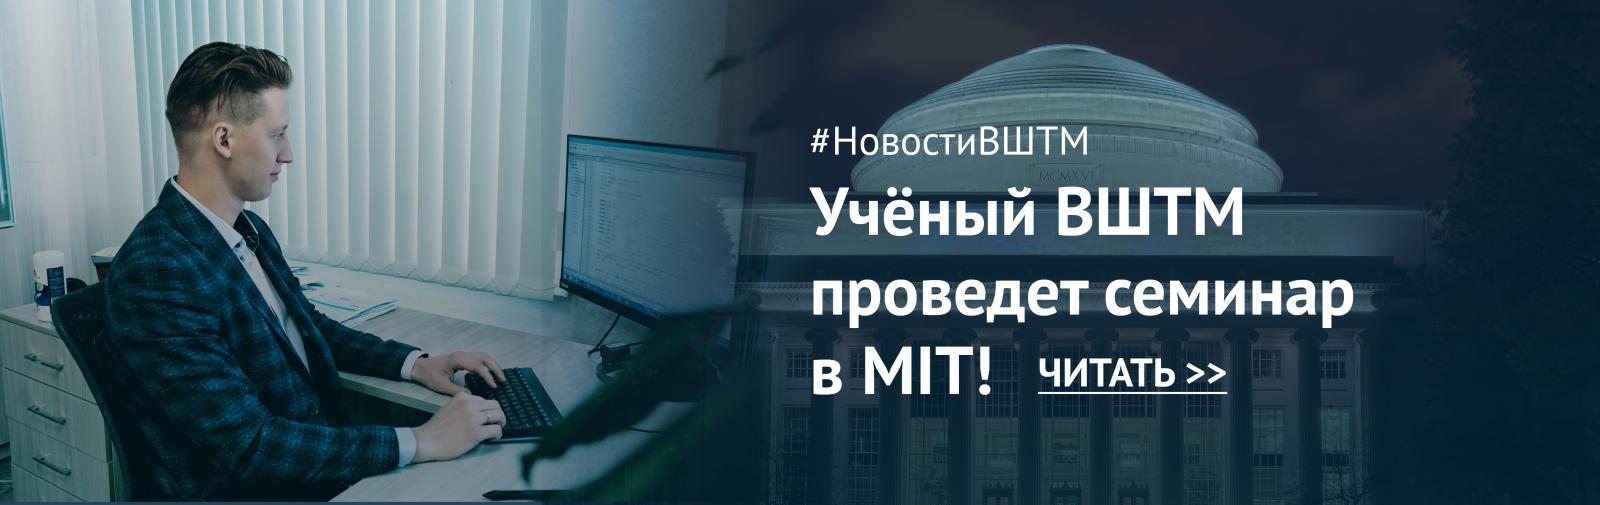 MIT_Виталий